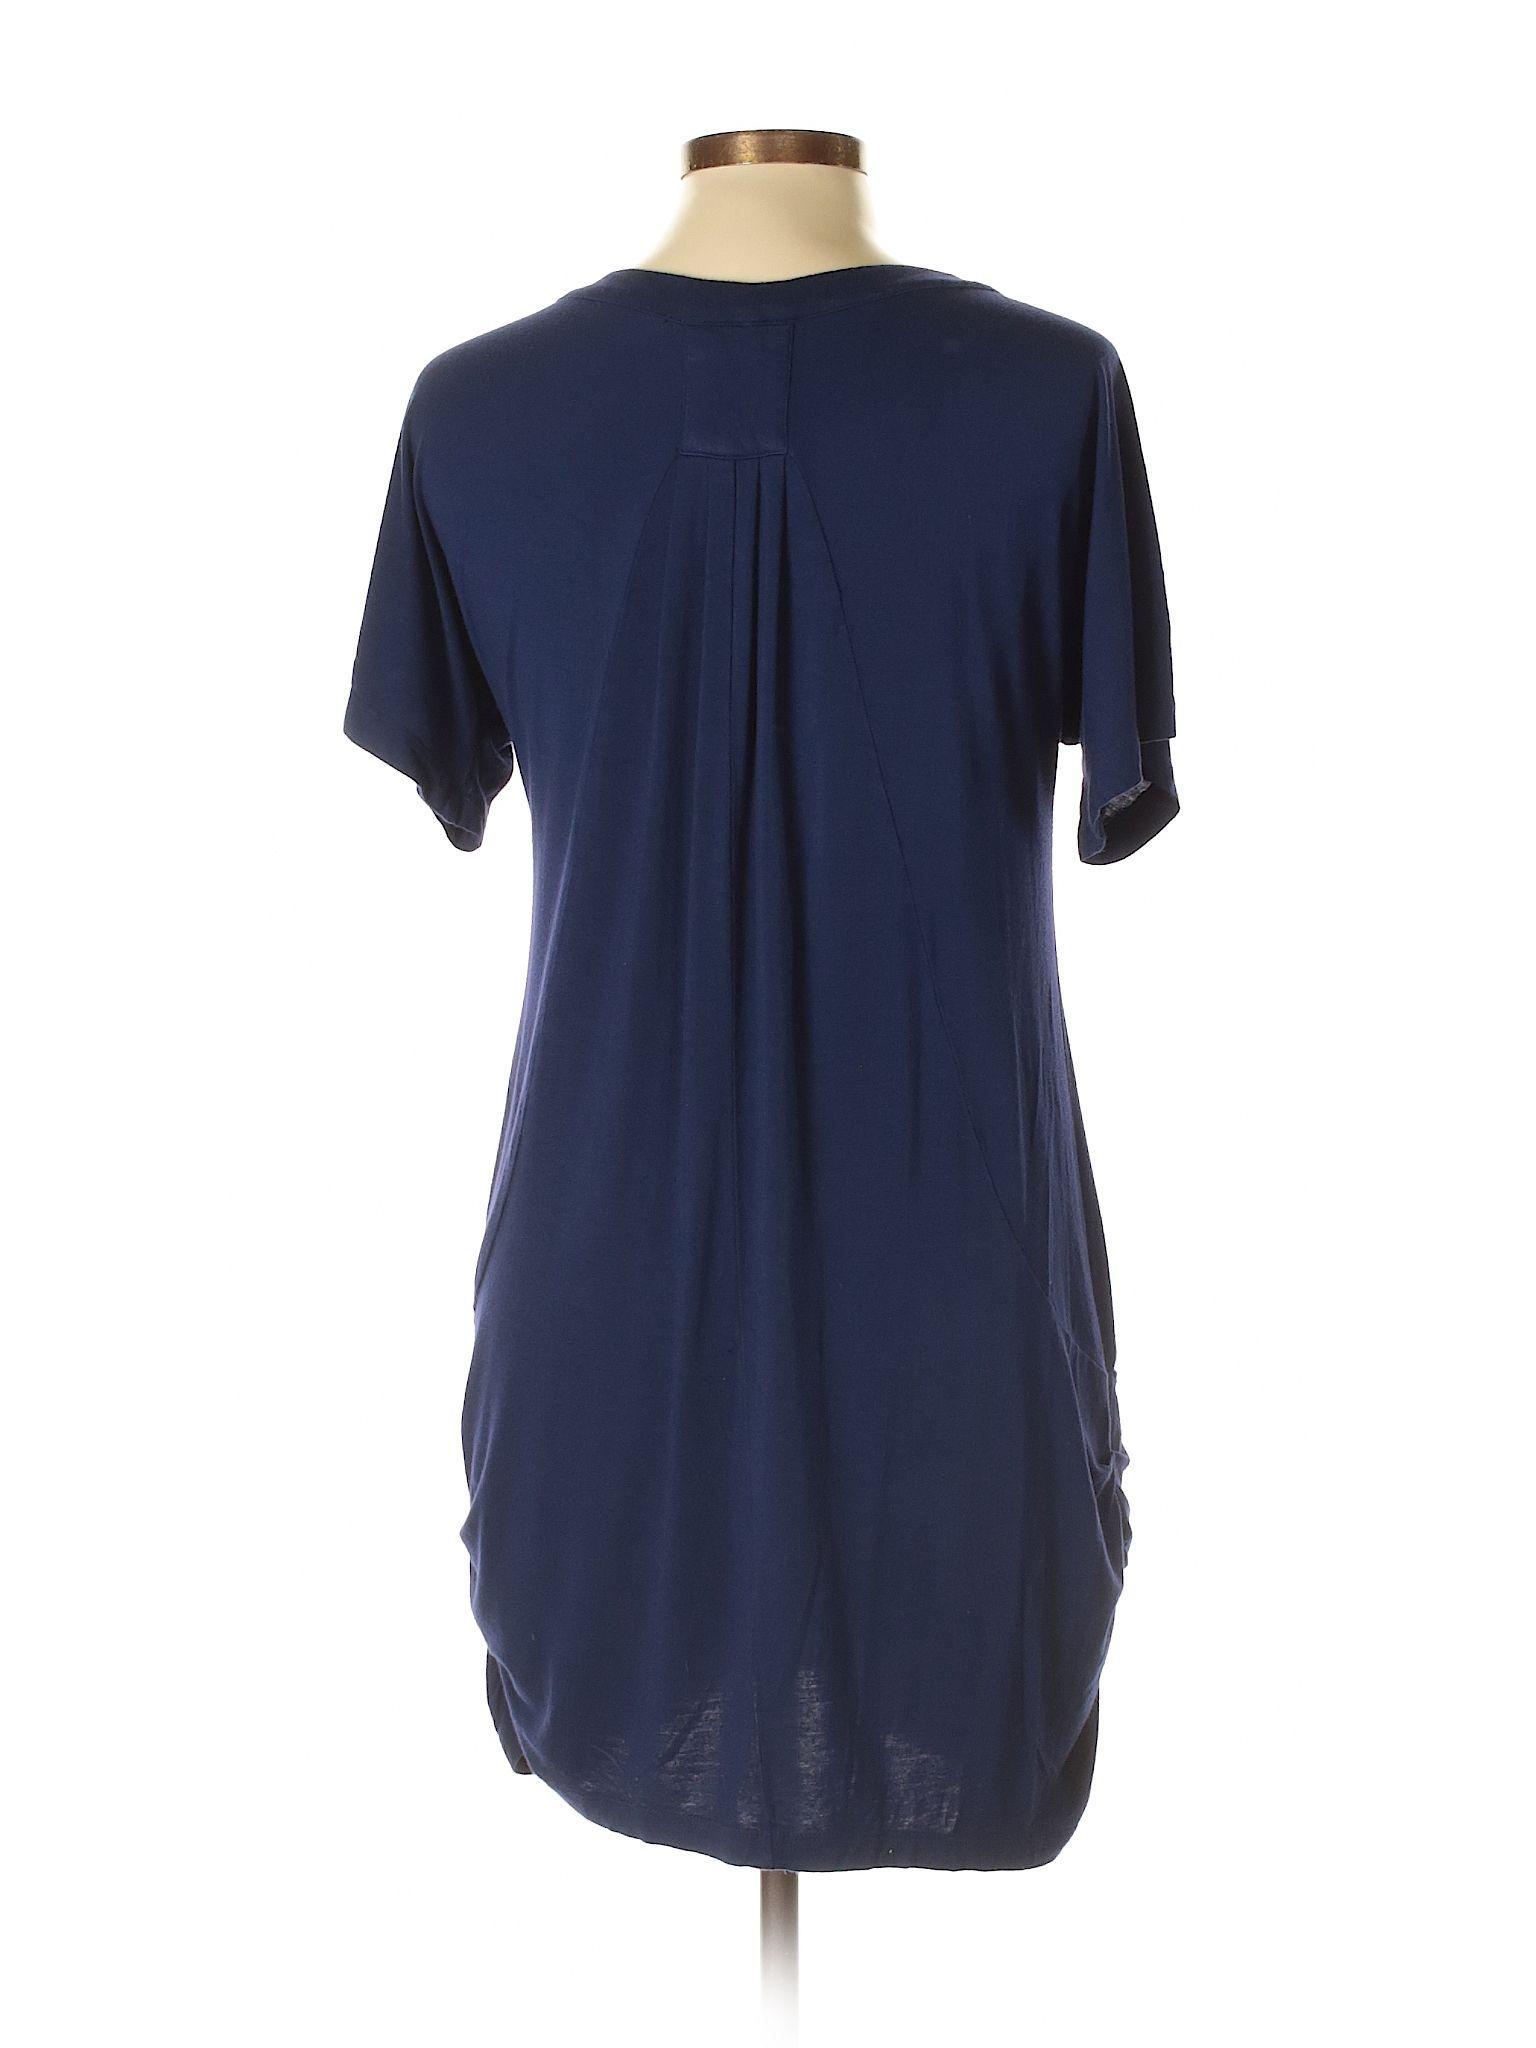 c1ad76a4a Vivienne Vivienne Tam Casual Dress: Navy Blue Women's Dresses - 32129345